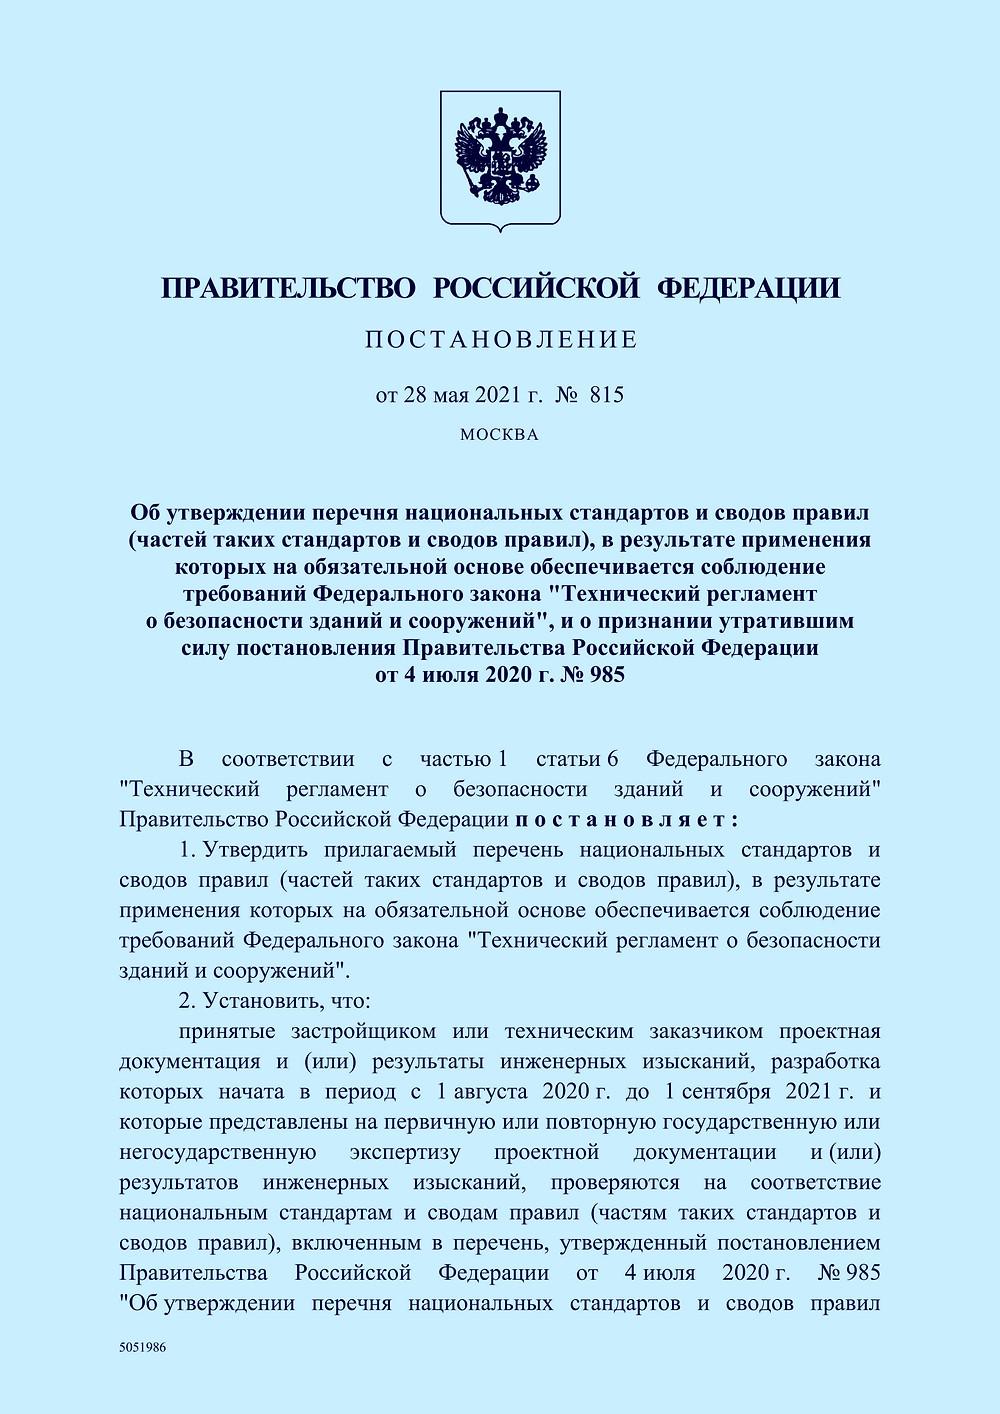 Постановление №815 от 28.05.2021 г.